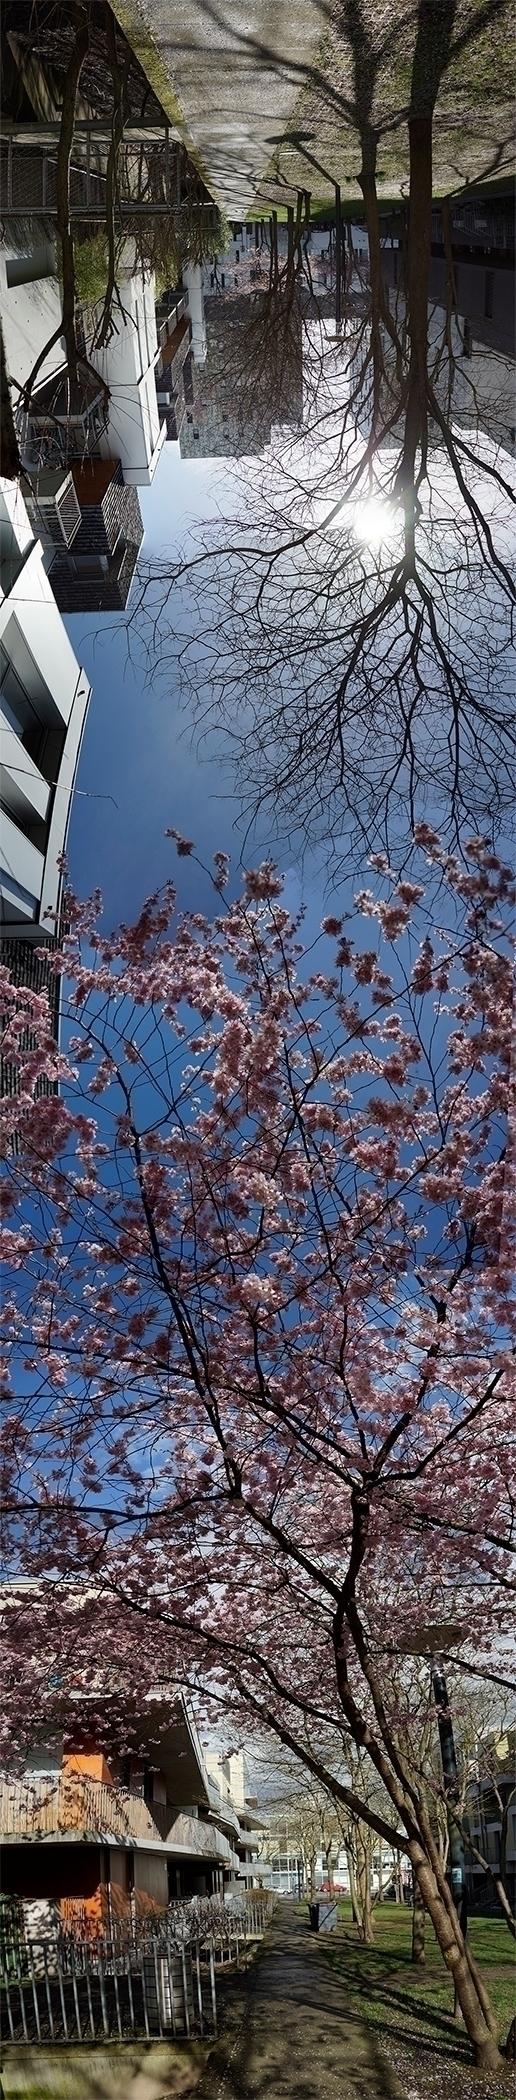 Le 4 avril, panorama presqu'ide - gclavet | ello